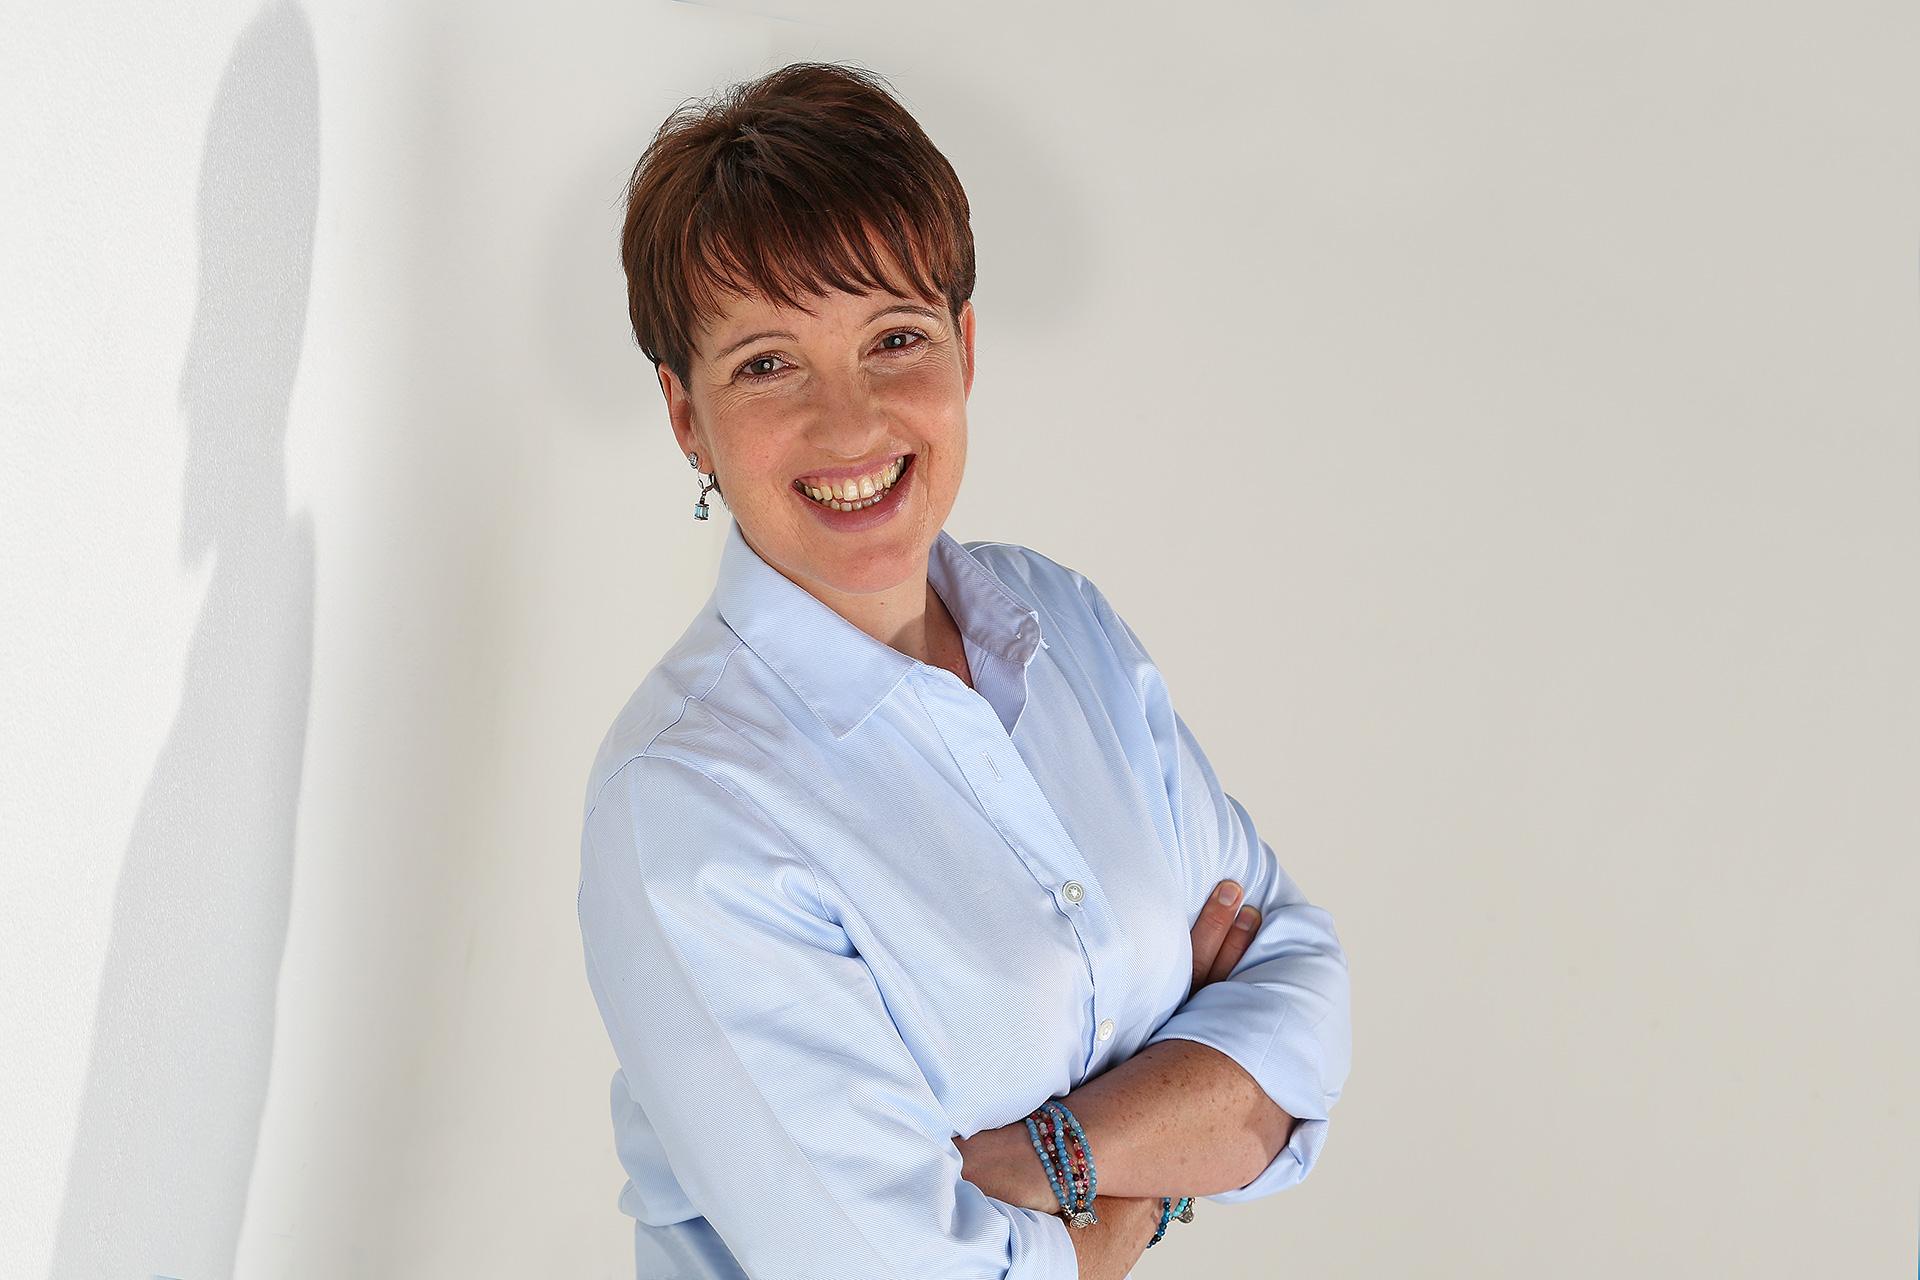 Frau Jasmin Kolar-Höfliger, Geschäftsführerin